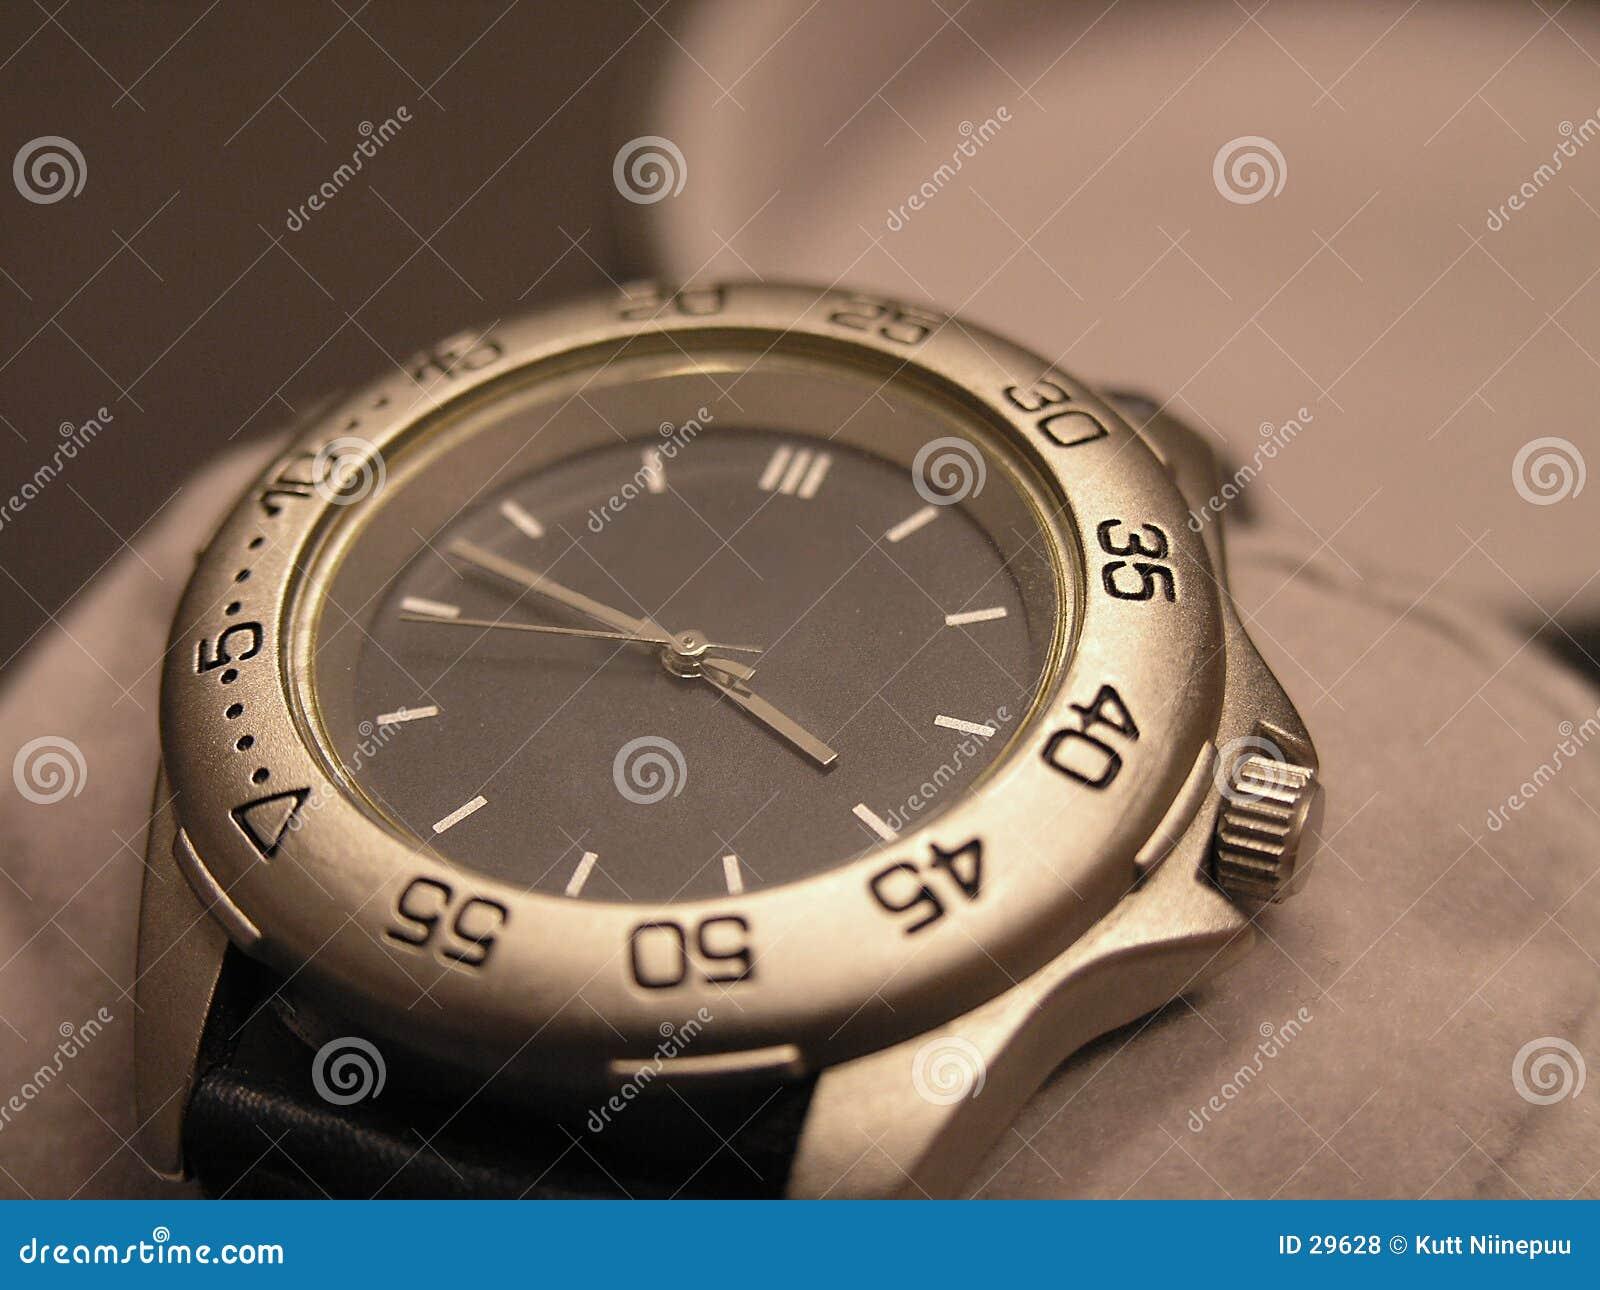 Fałszywy zegarek